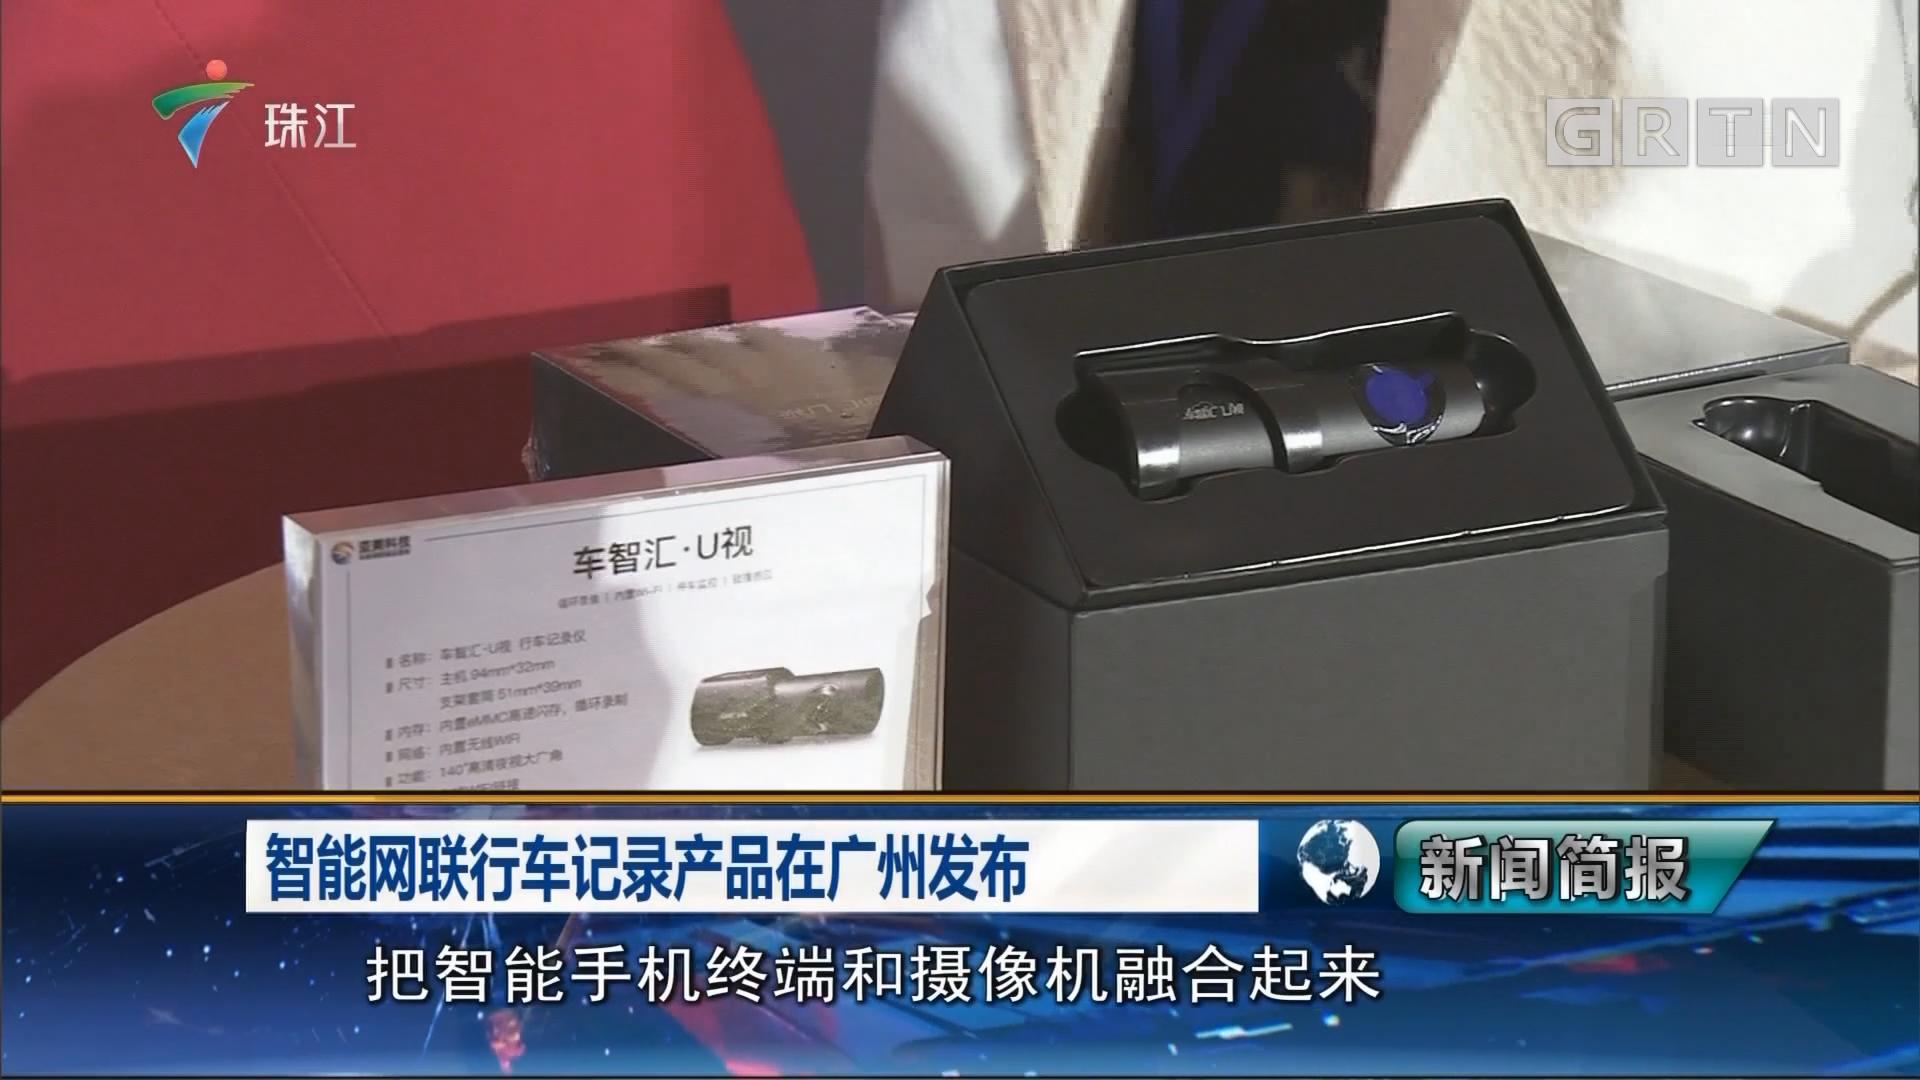 智能网联行车记录产品在广州发布